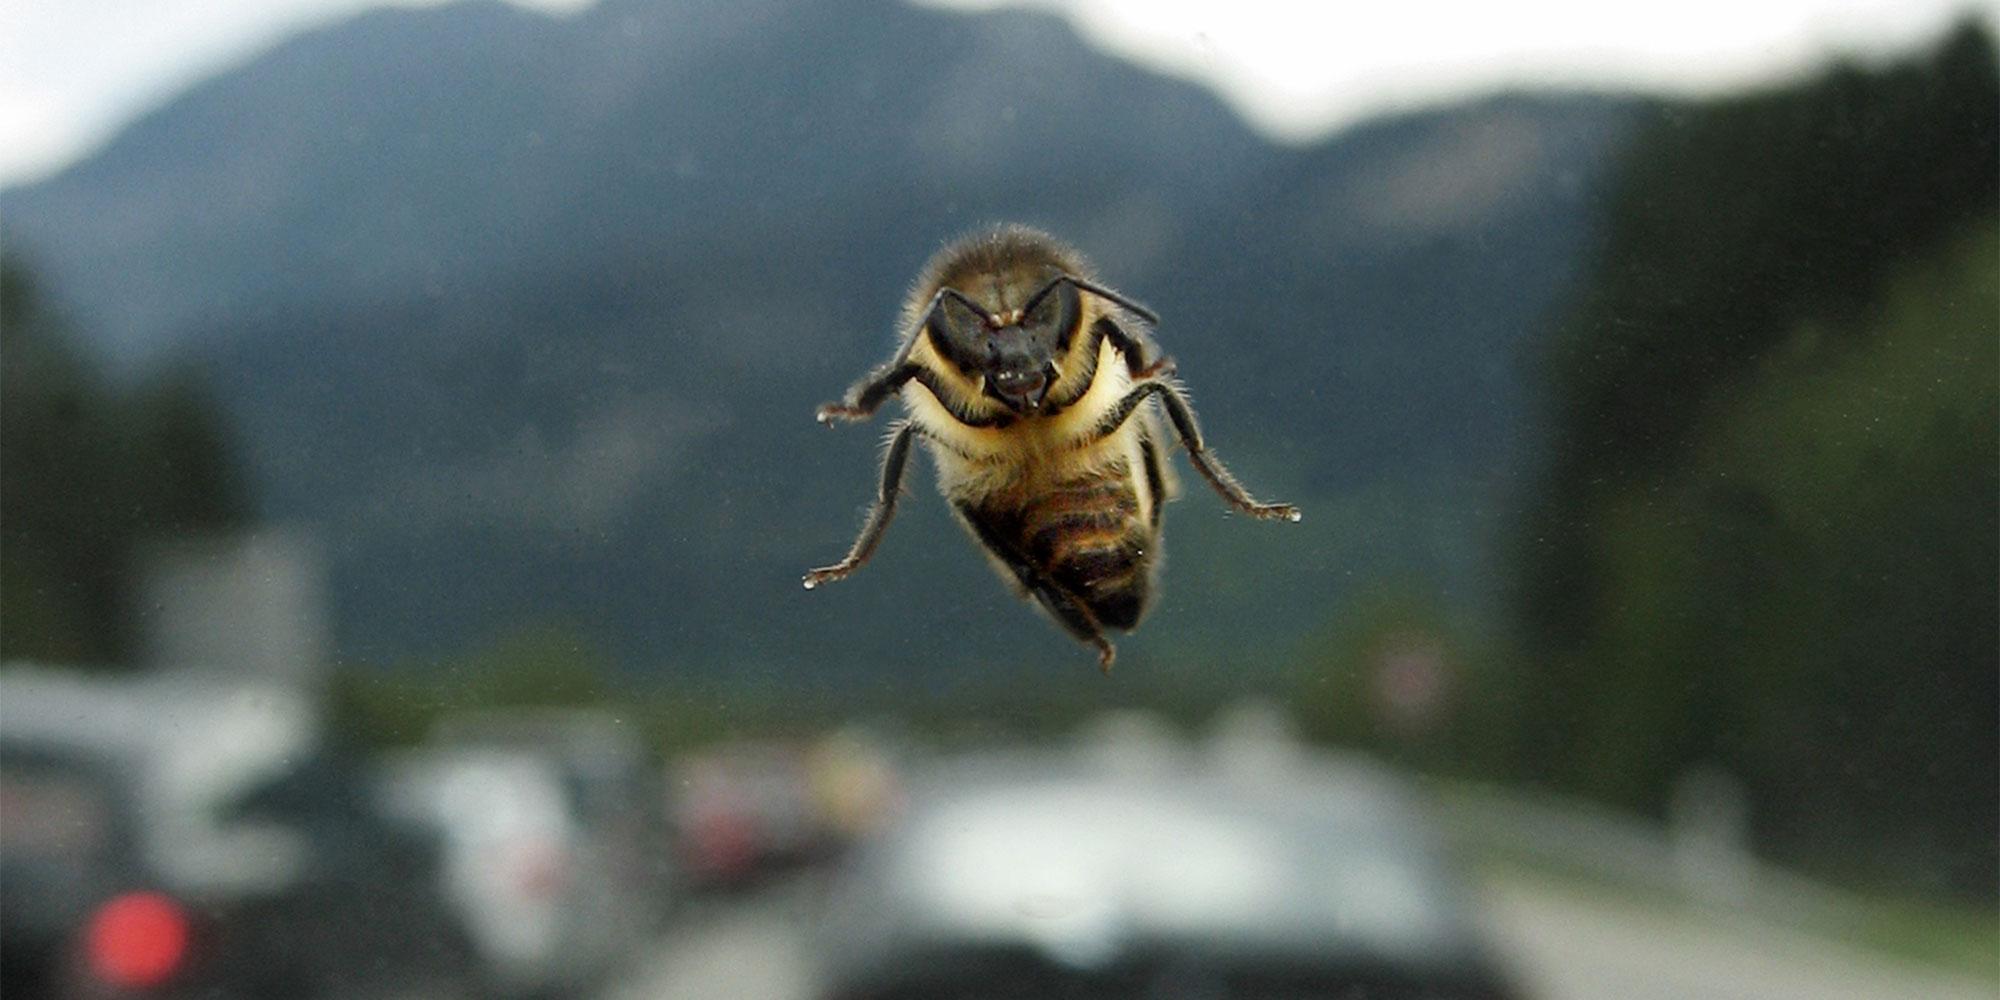 Wespe, Biene & Co. im Auto: Immer locker bleiben